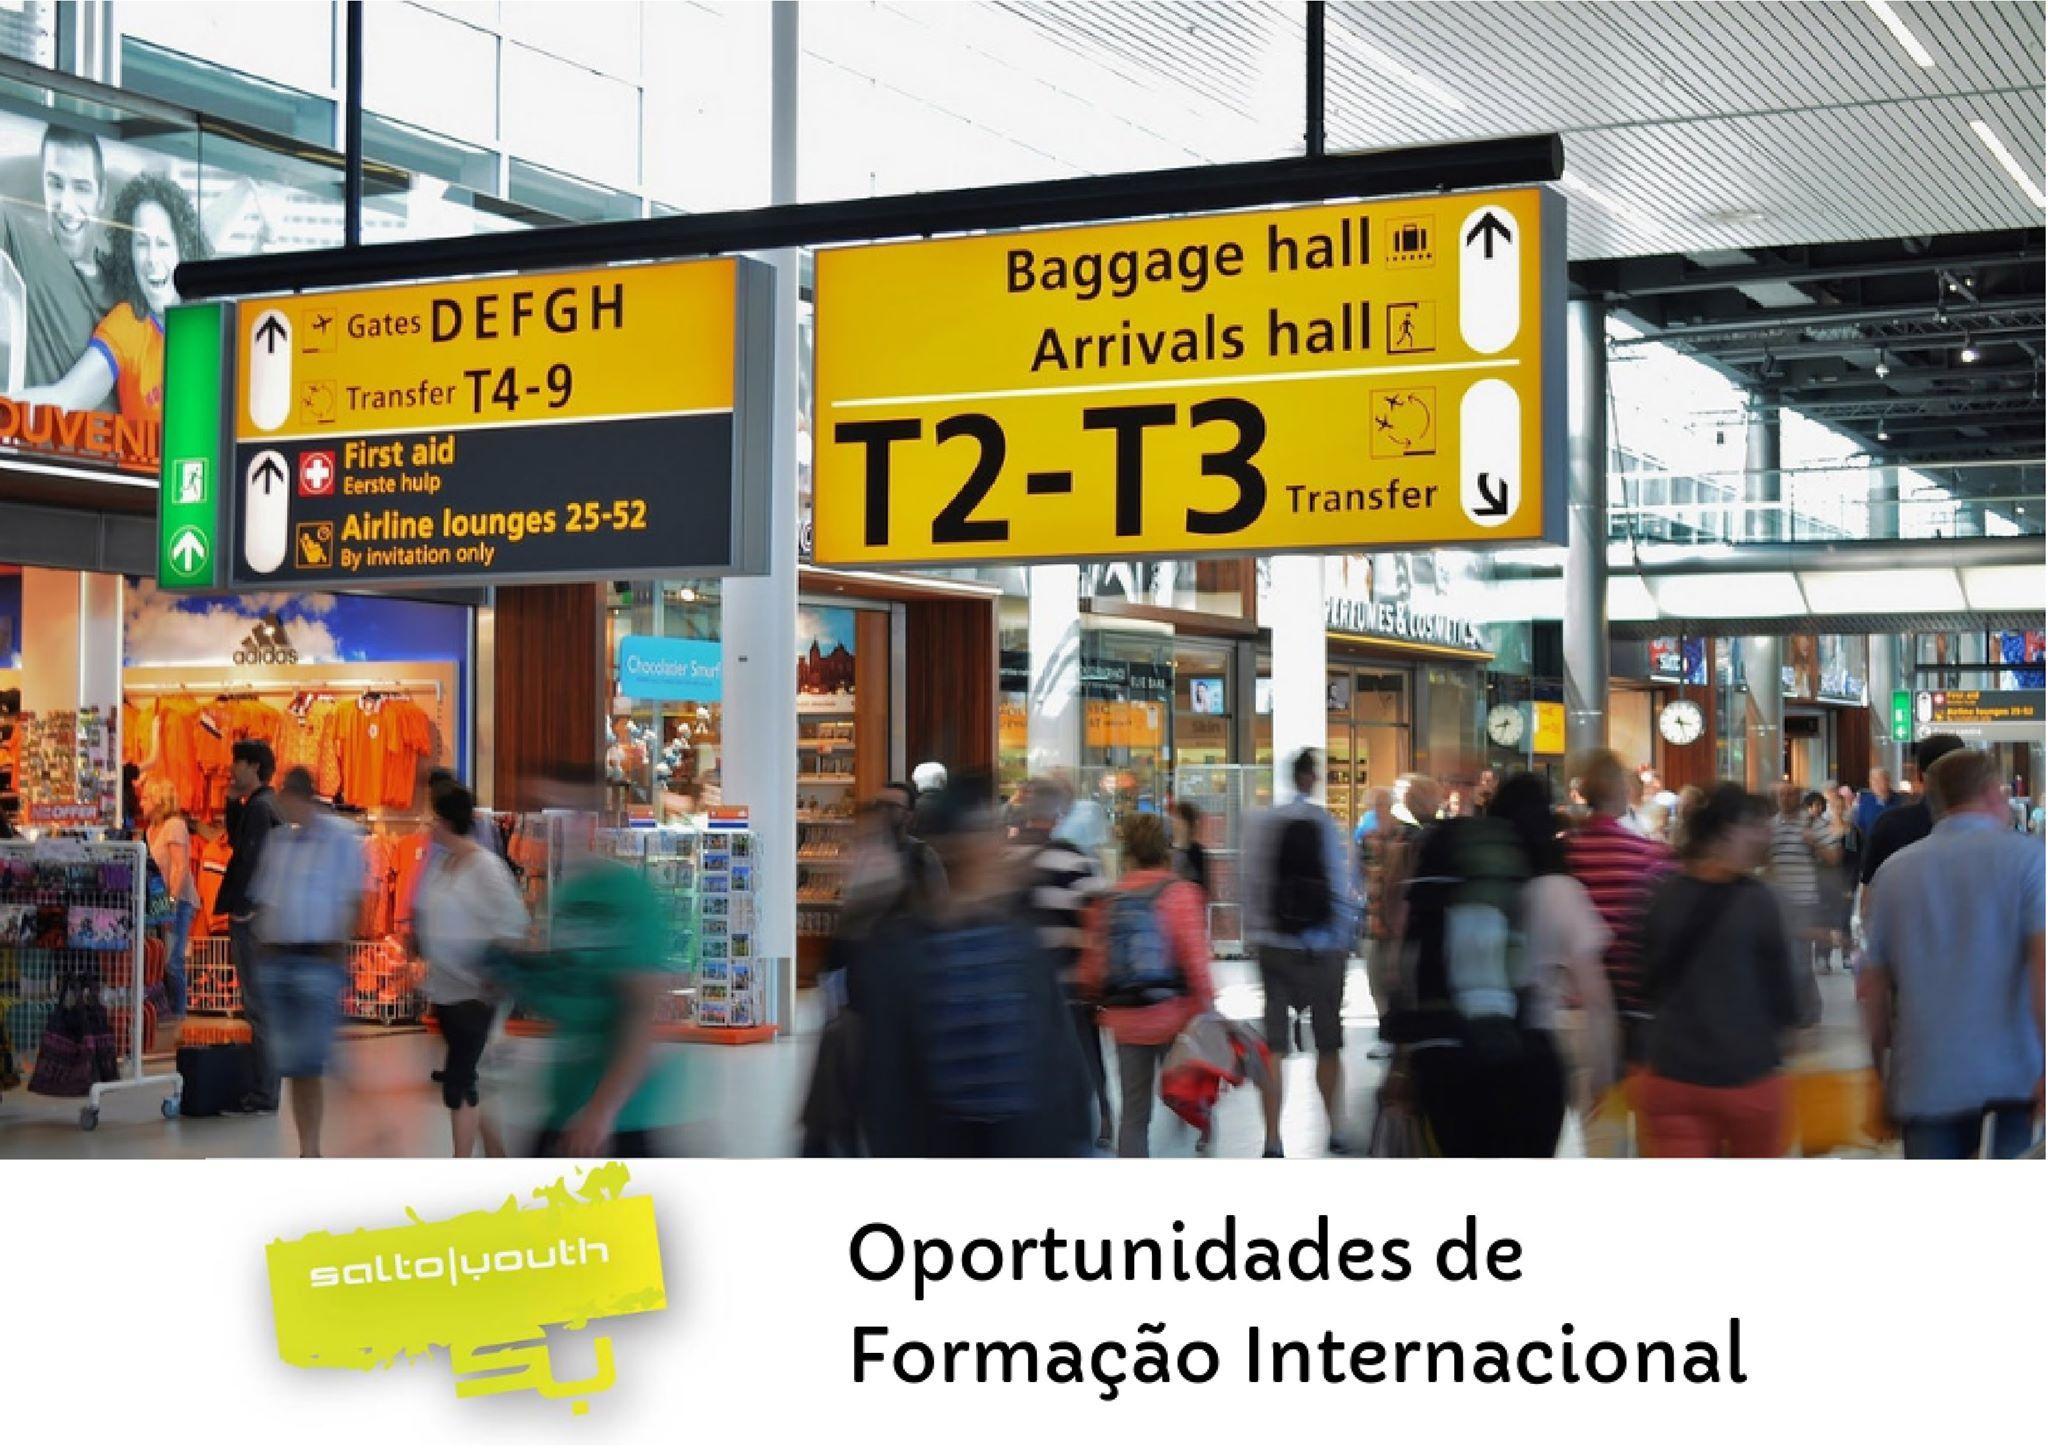 Oportunidades de Formação Internacional